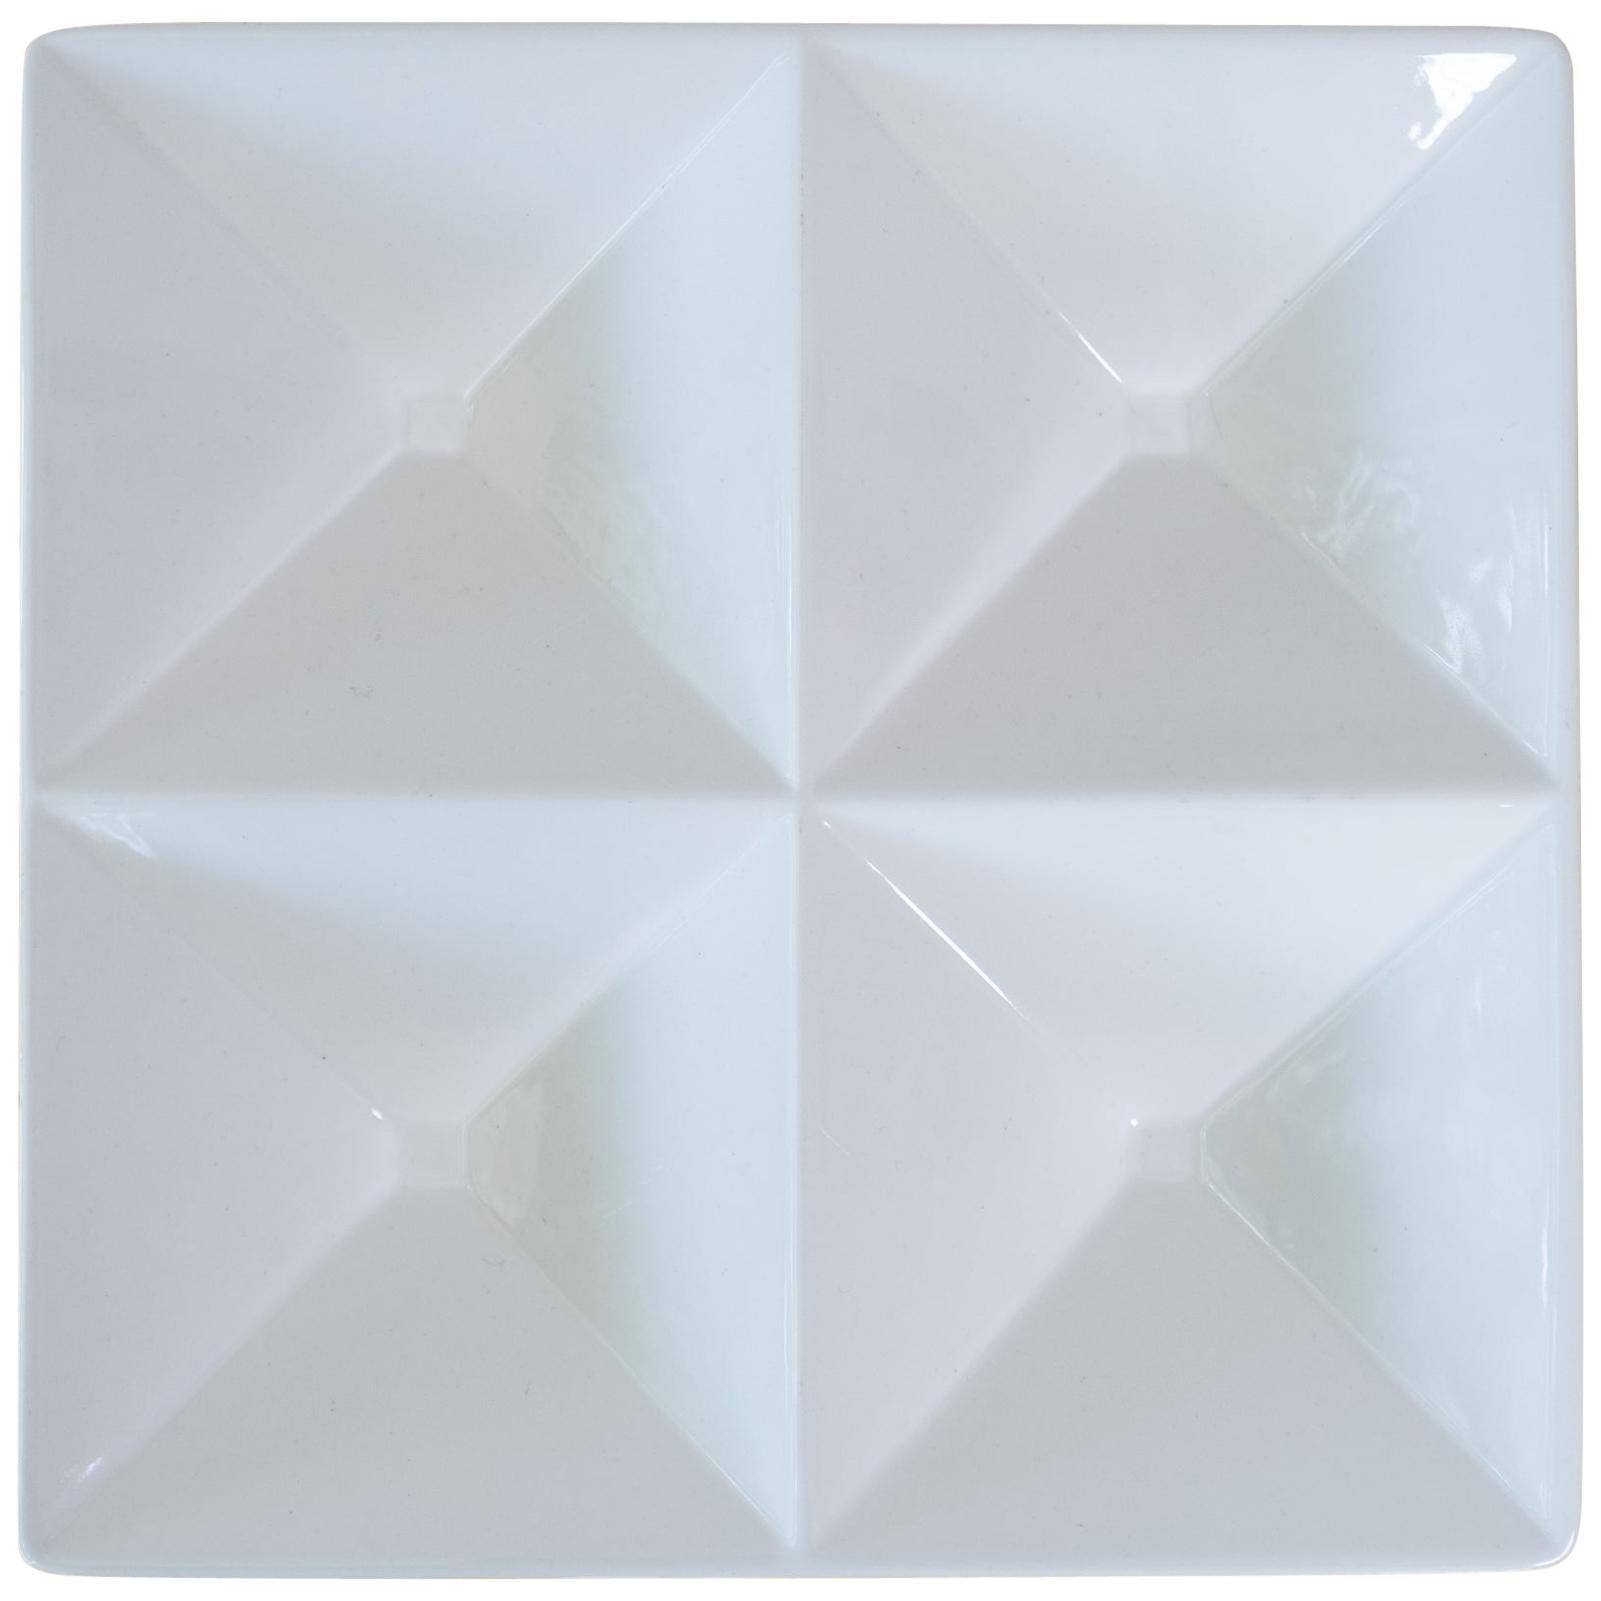 Origami Form Ceramic Tray by Kaj Franck for Arabia